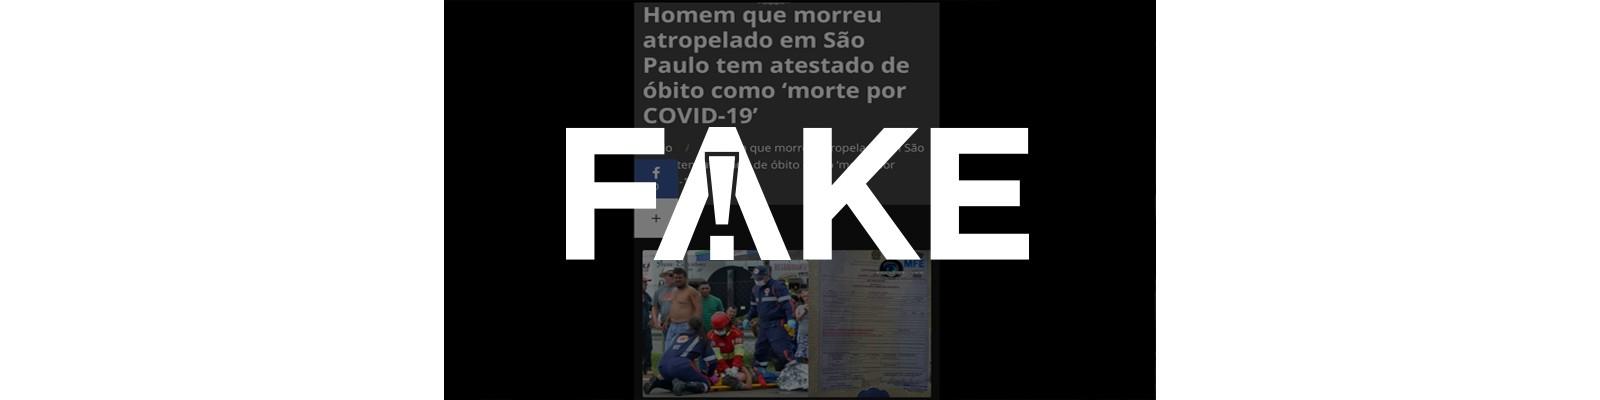 É #FAKE que morte por atropelamento foi registrada como sendo por Covid-19 no interior de São Paulo